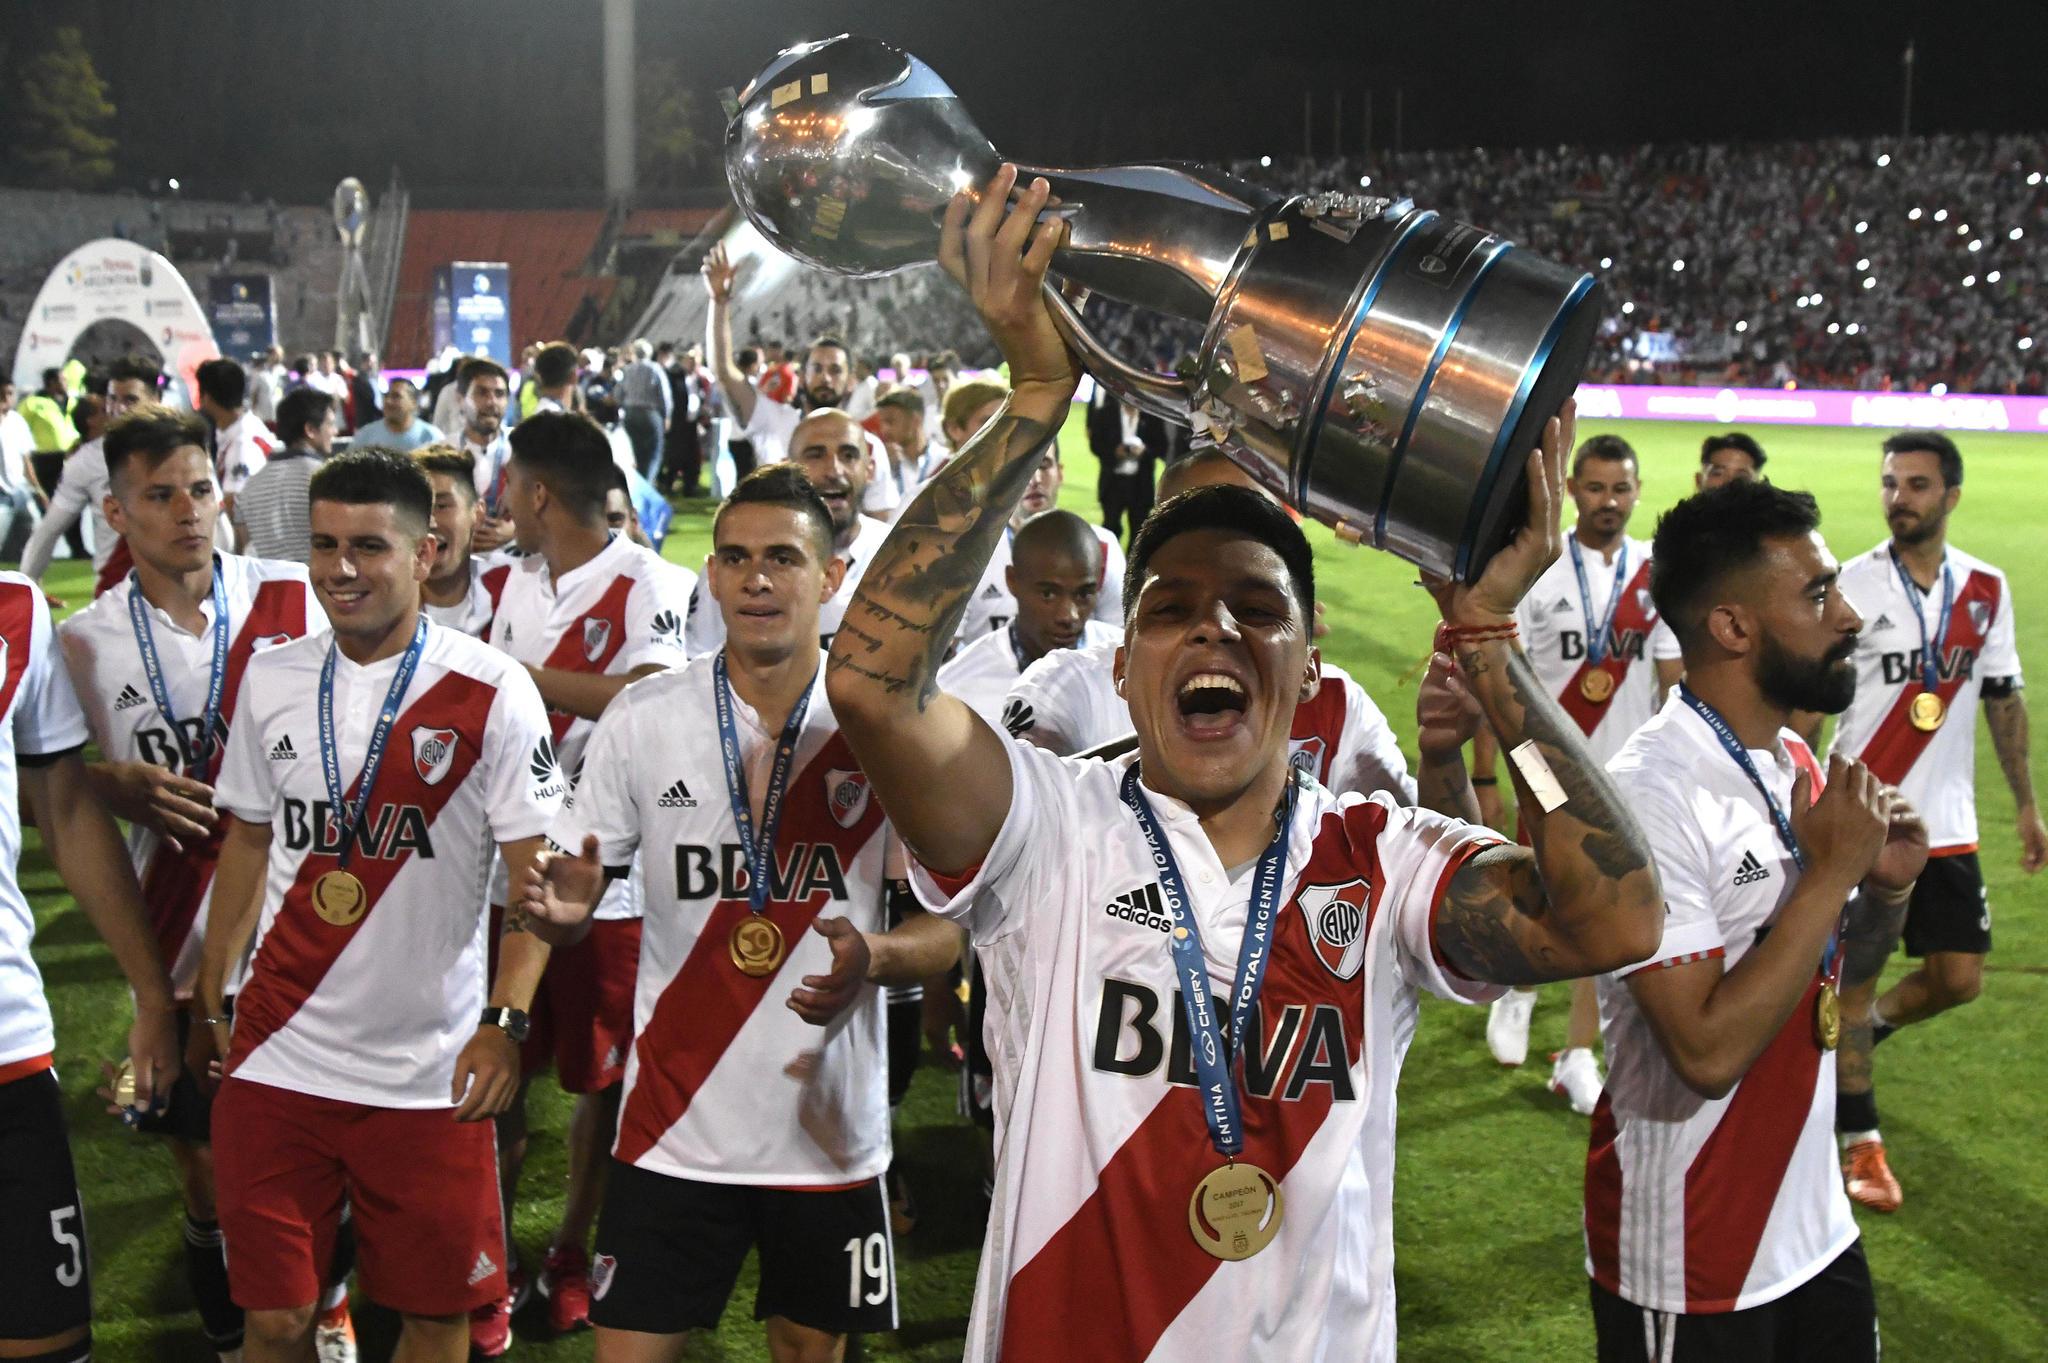 River Plate se lleva la Copa Argentina | Marca com